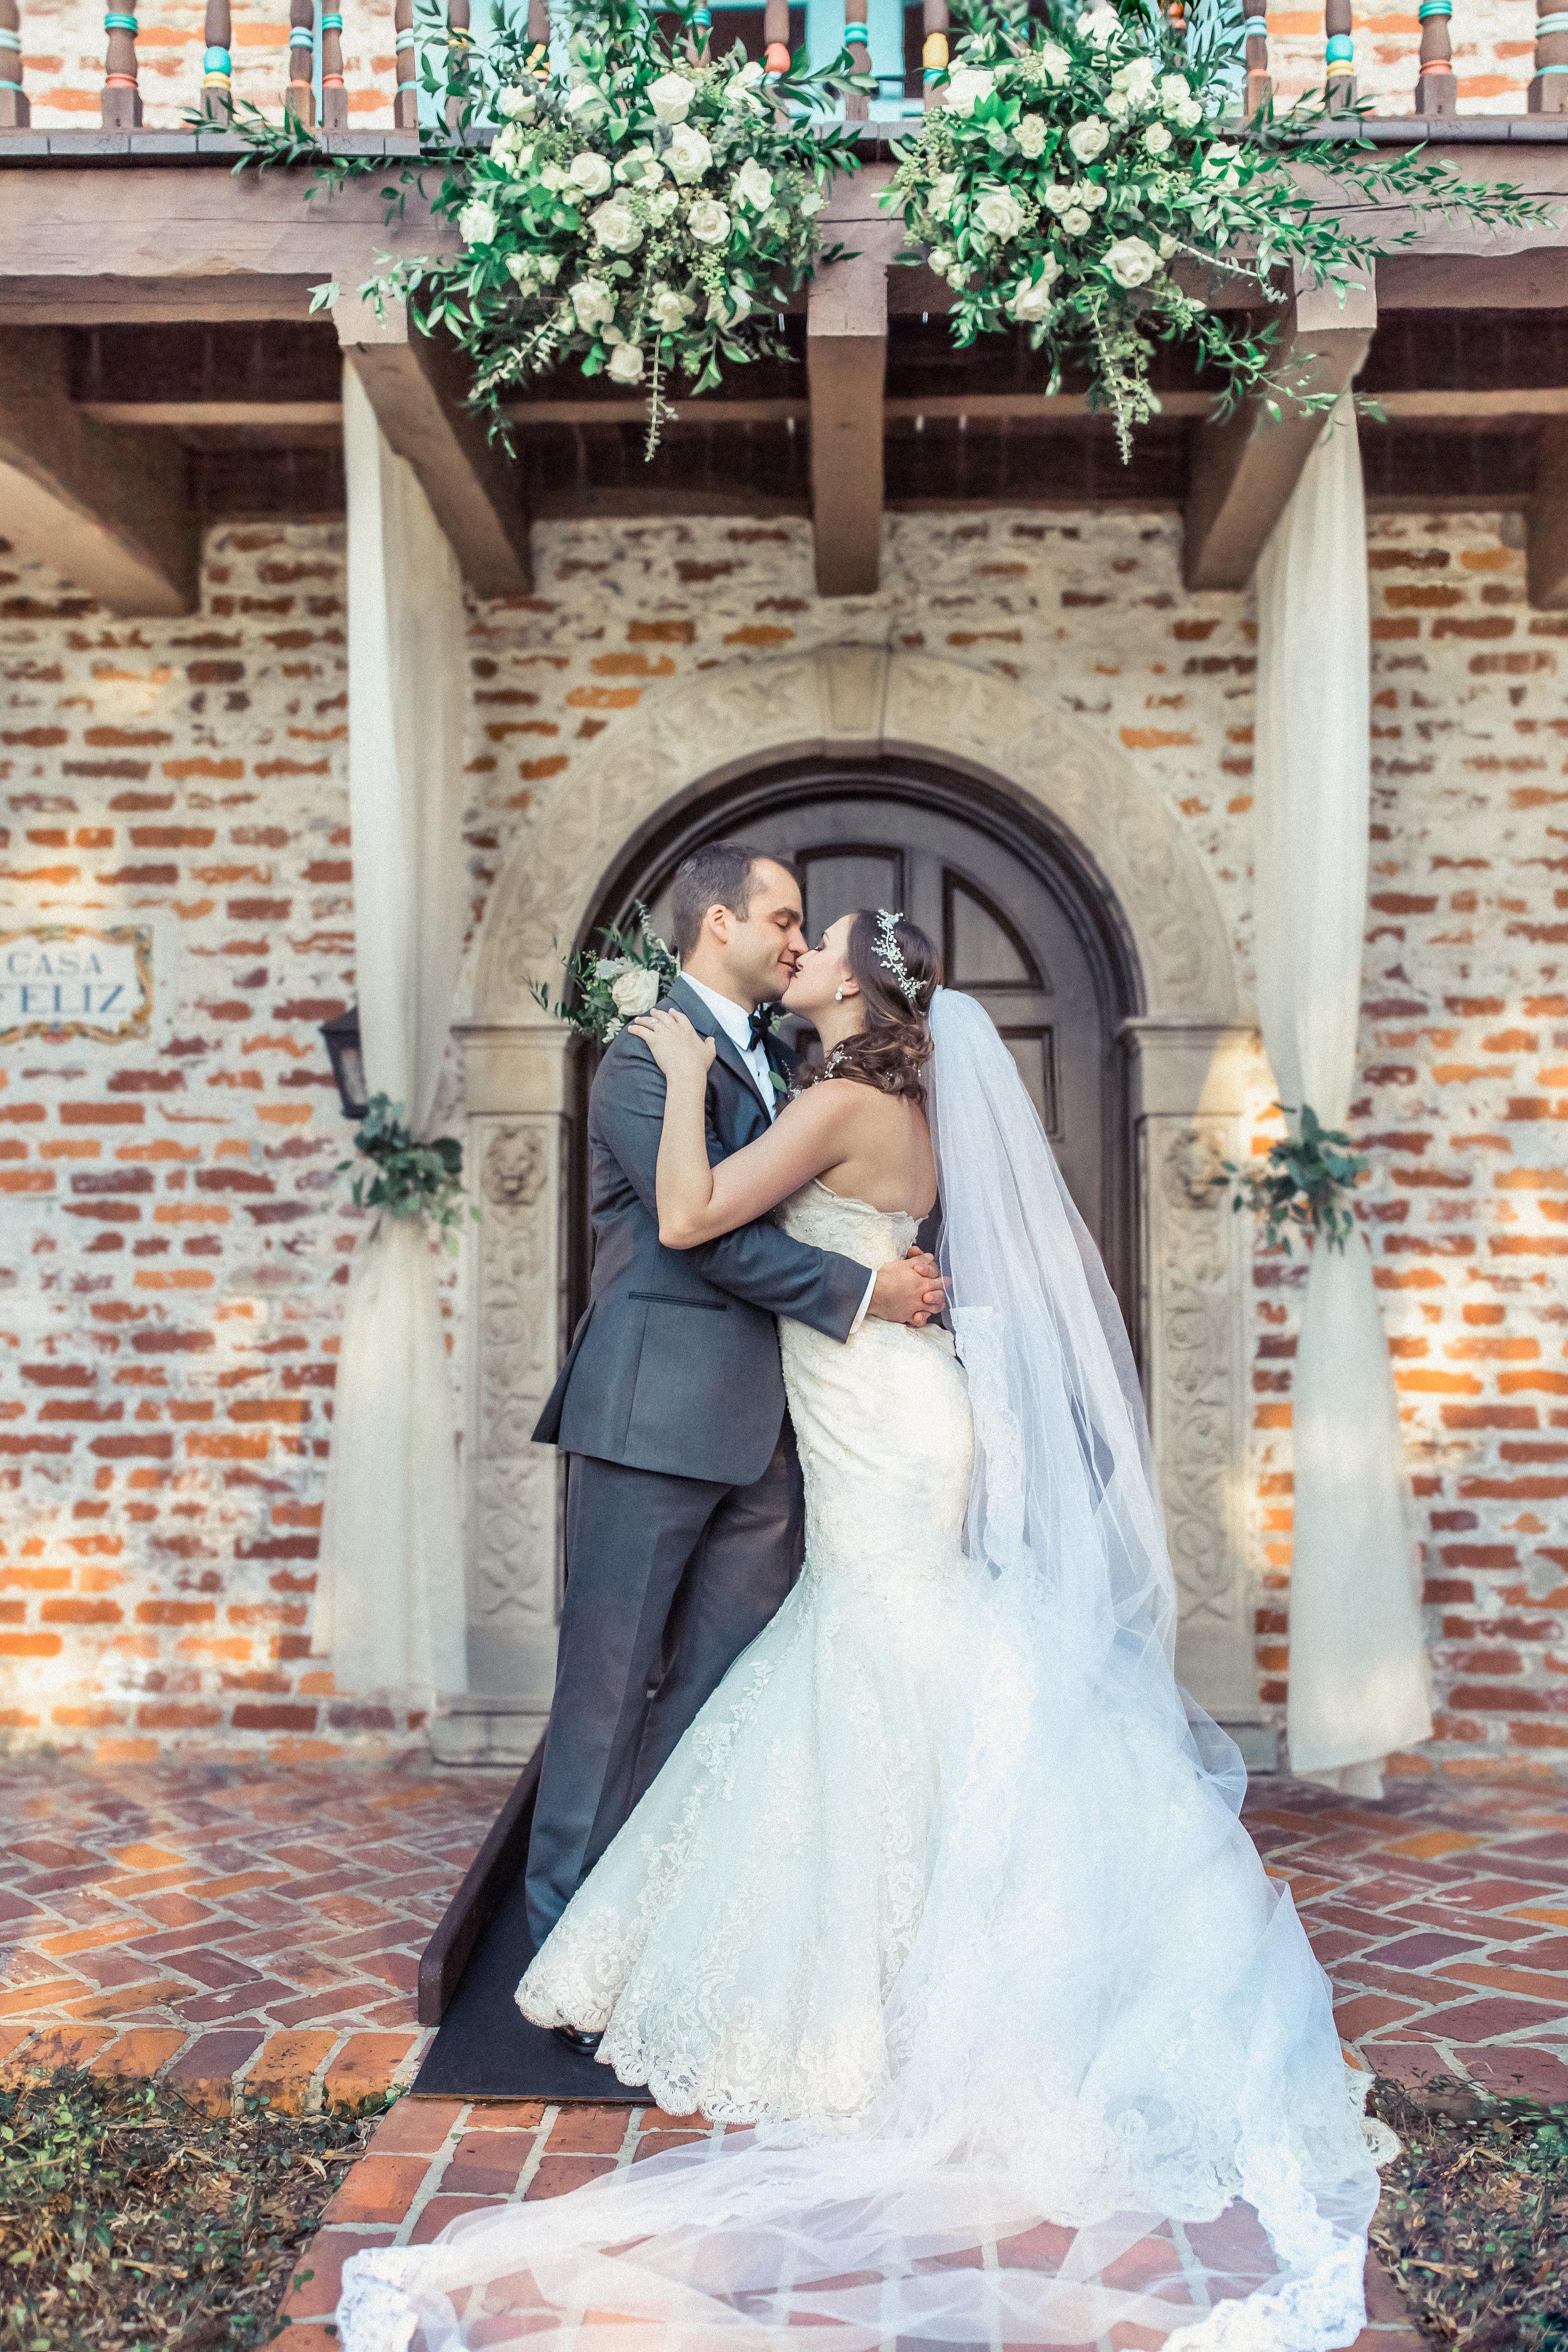 2. Bride + Groom- Casa Feliz Winter Park Wedding- Erica+Aaron 101.jpg